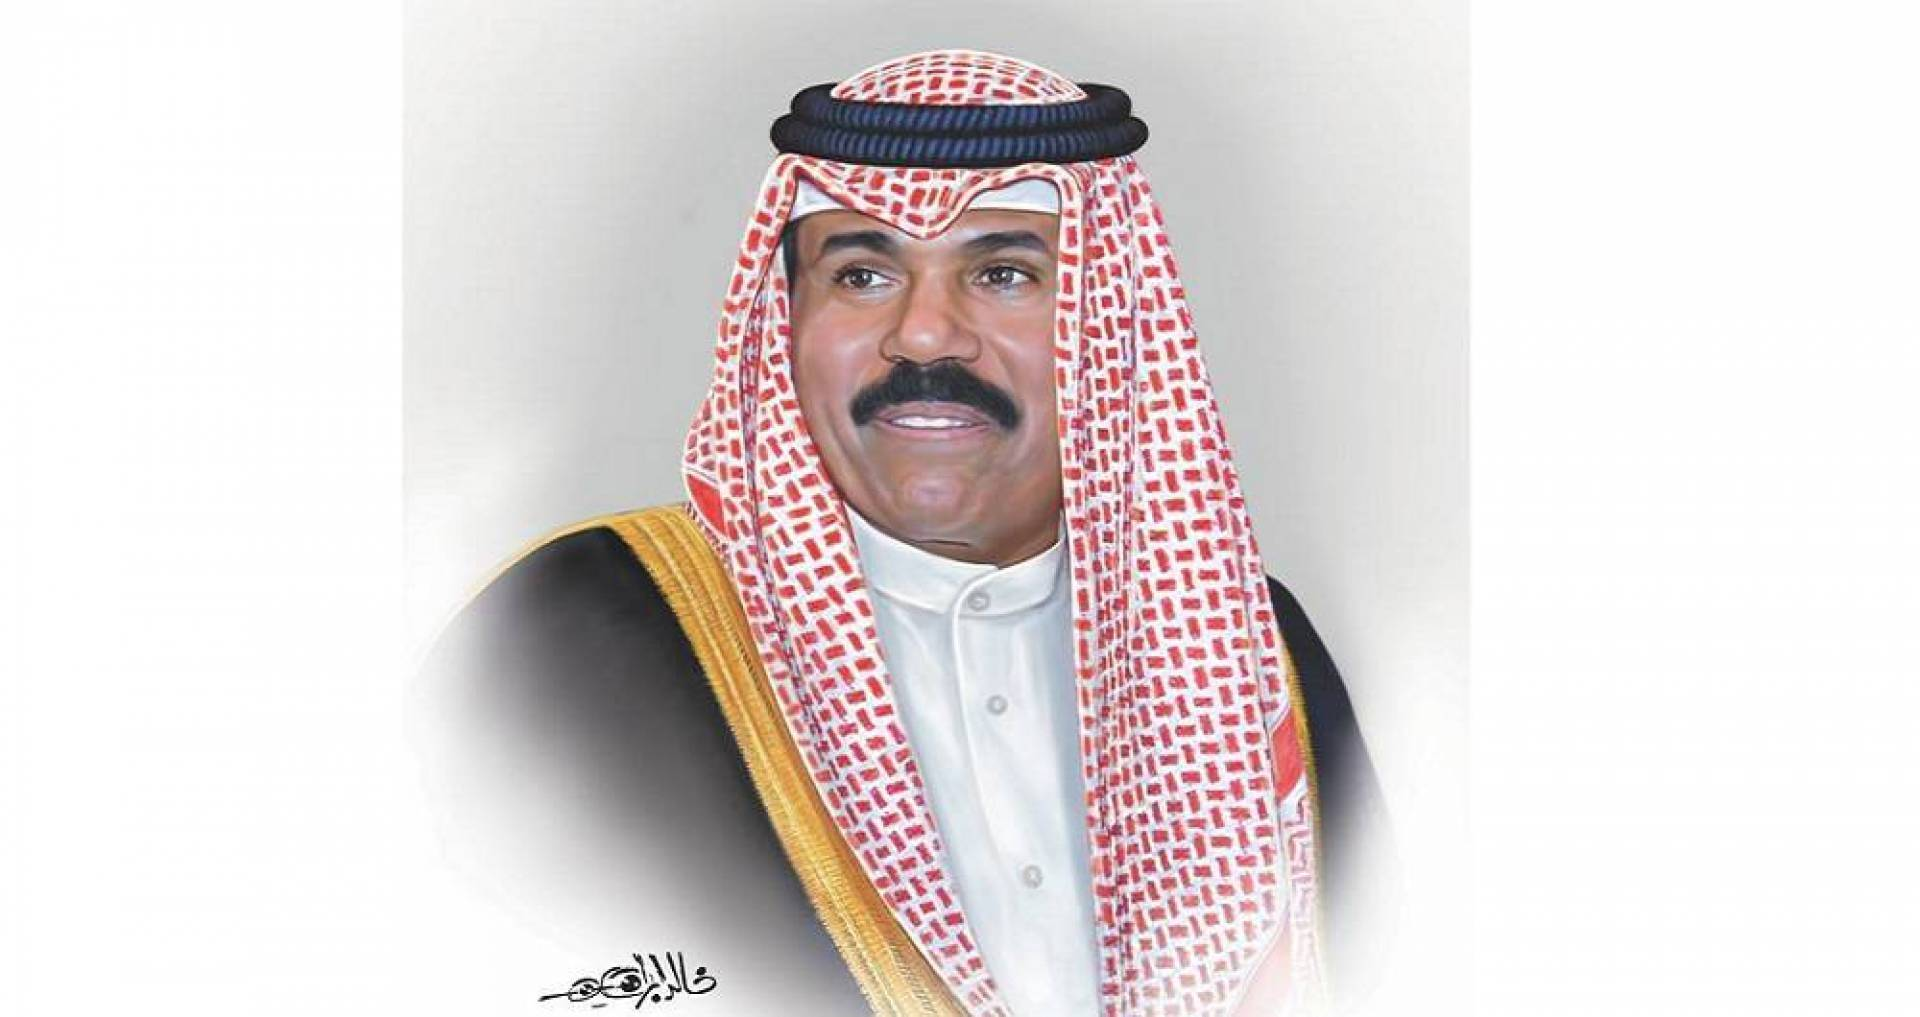 سمو الأمير يستقبل الغانم والسعدون والمحمد والمبارك والخالد